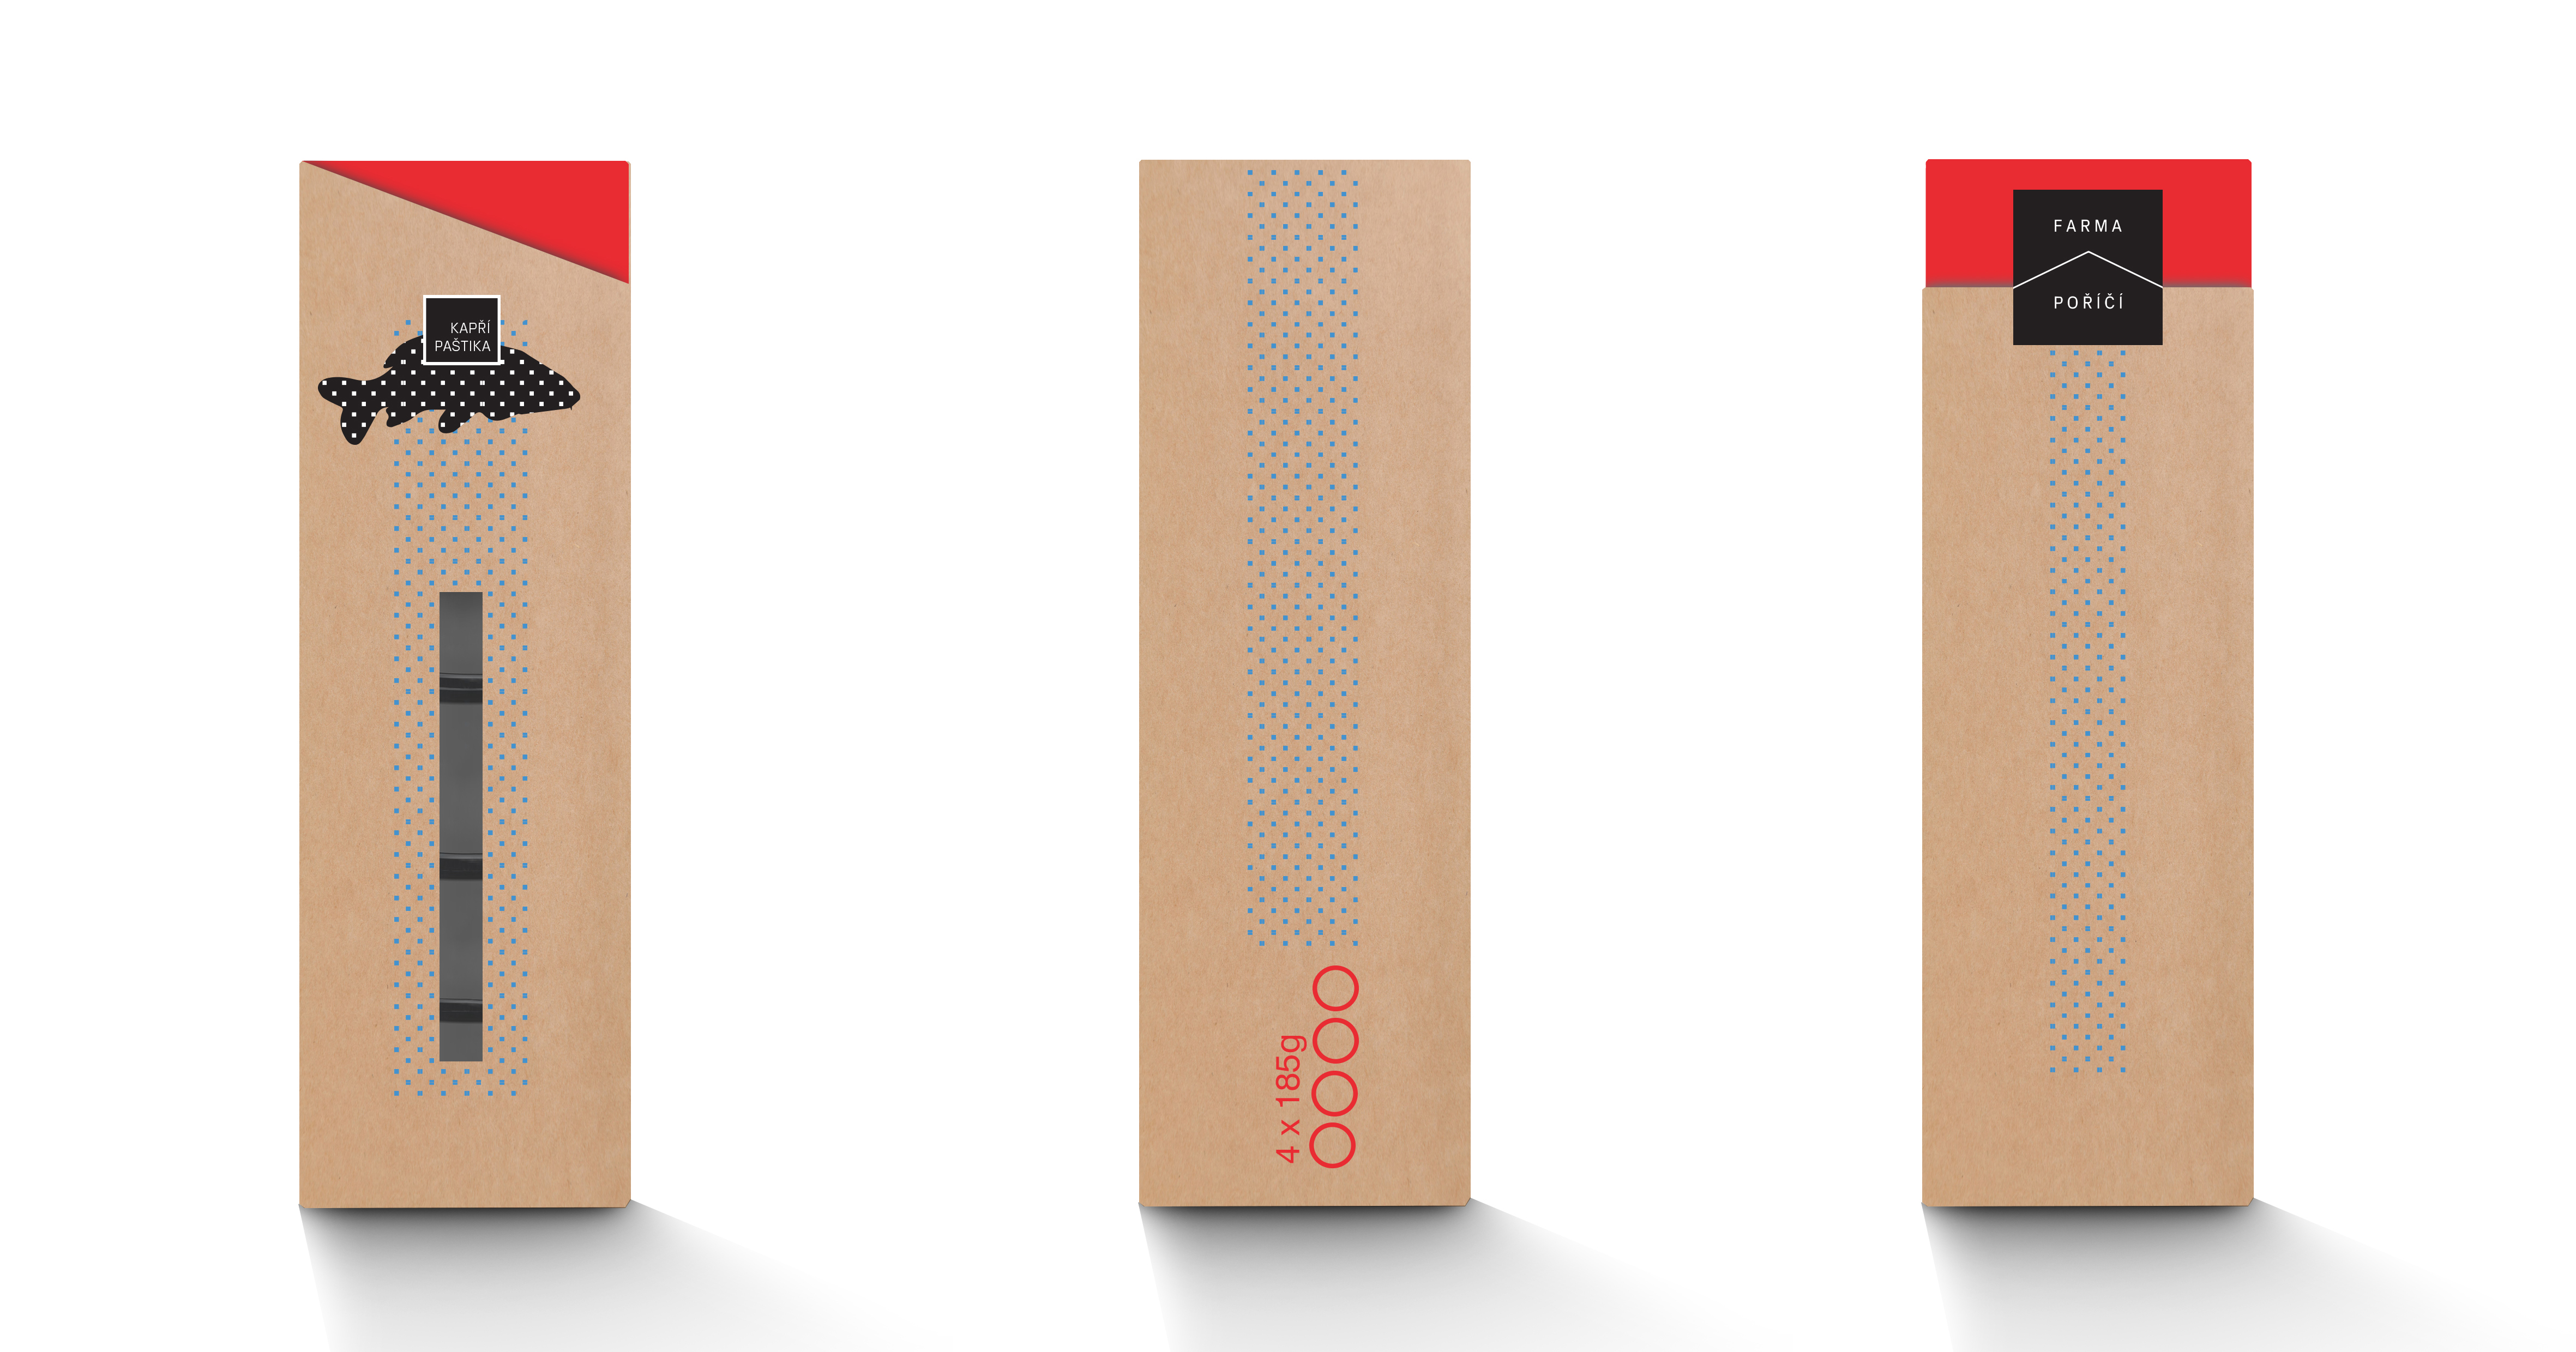 carp_paste_packaging_box_novague